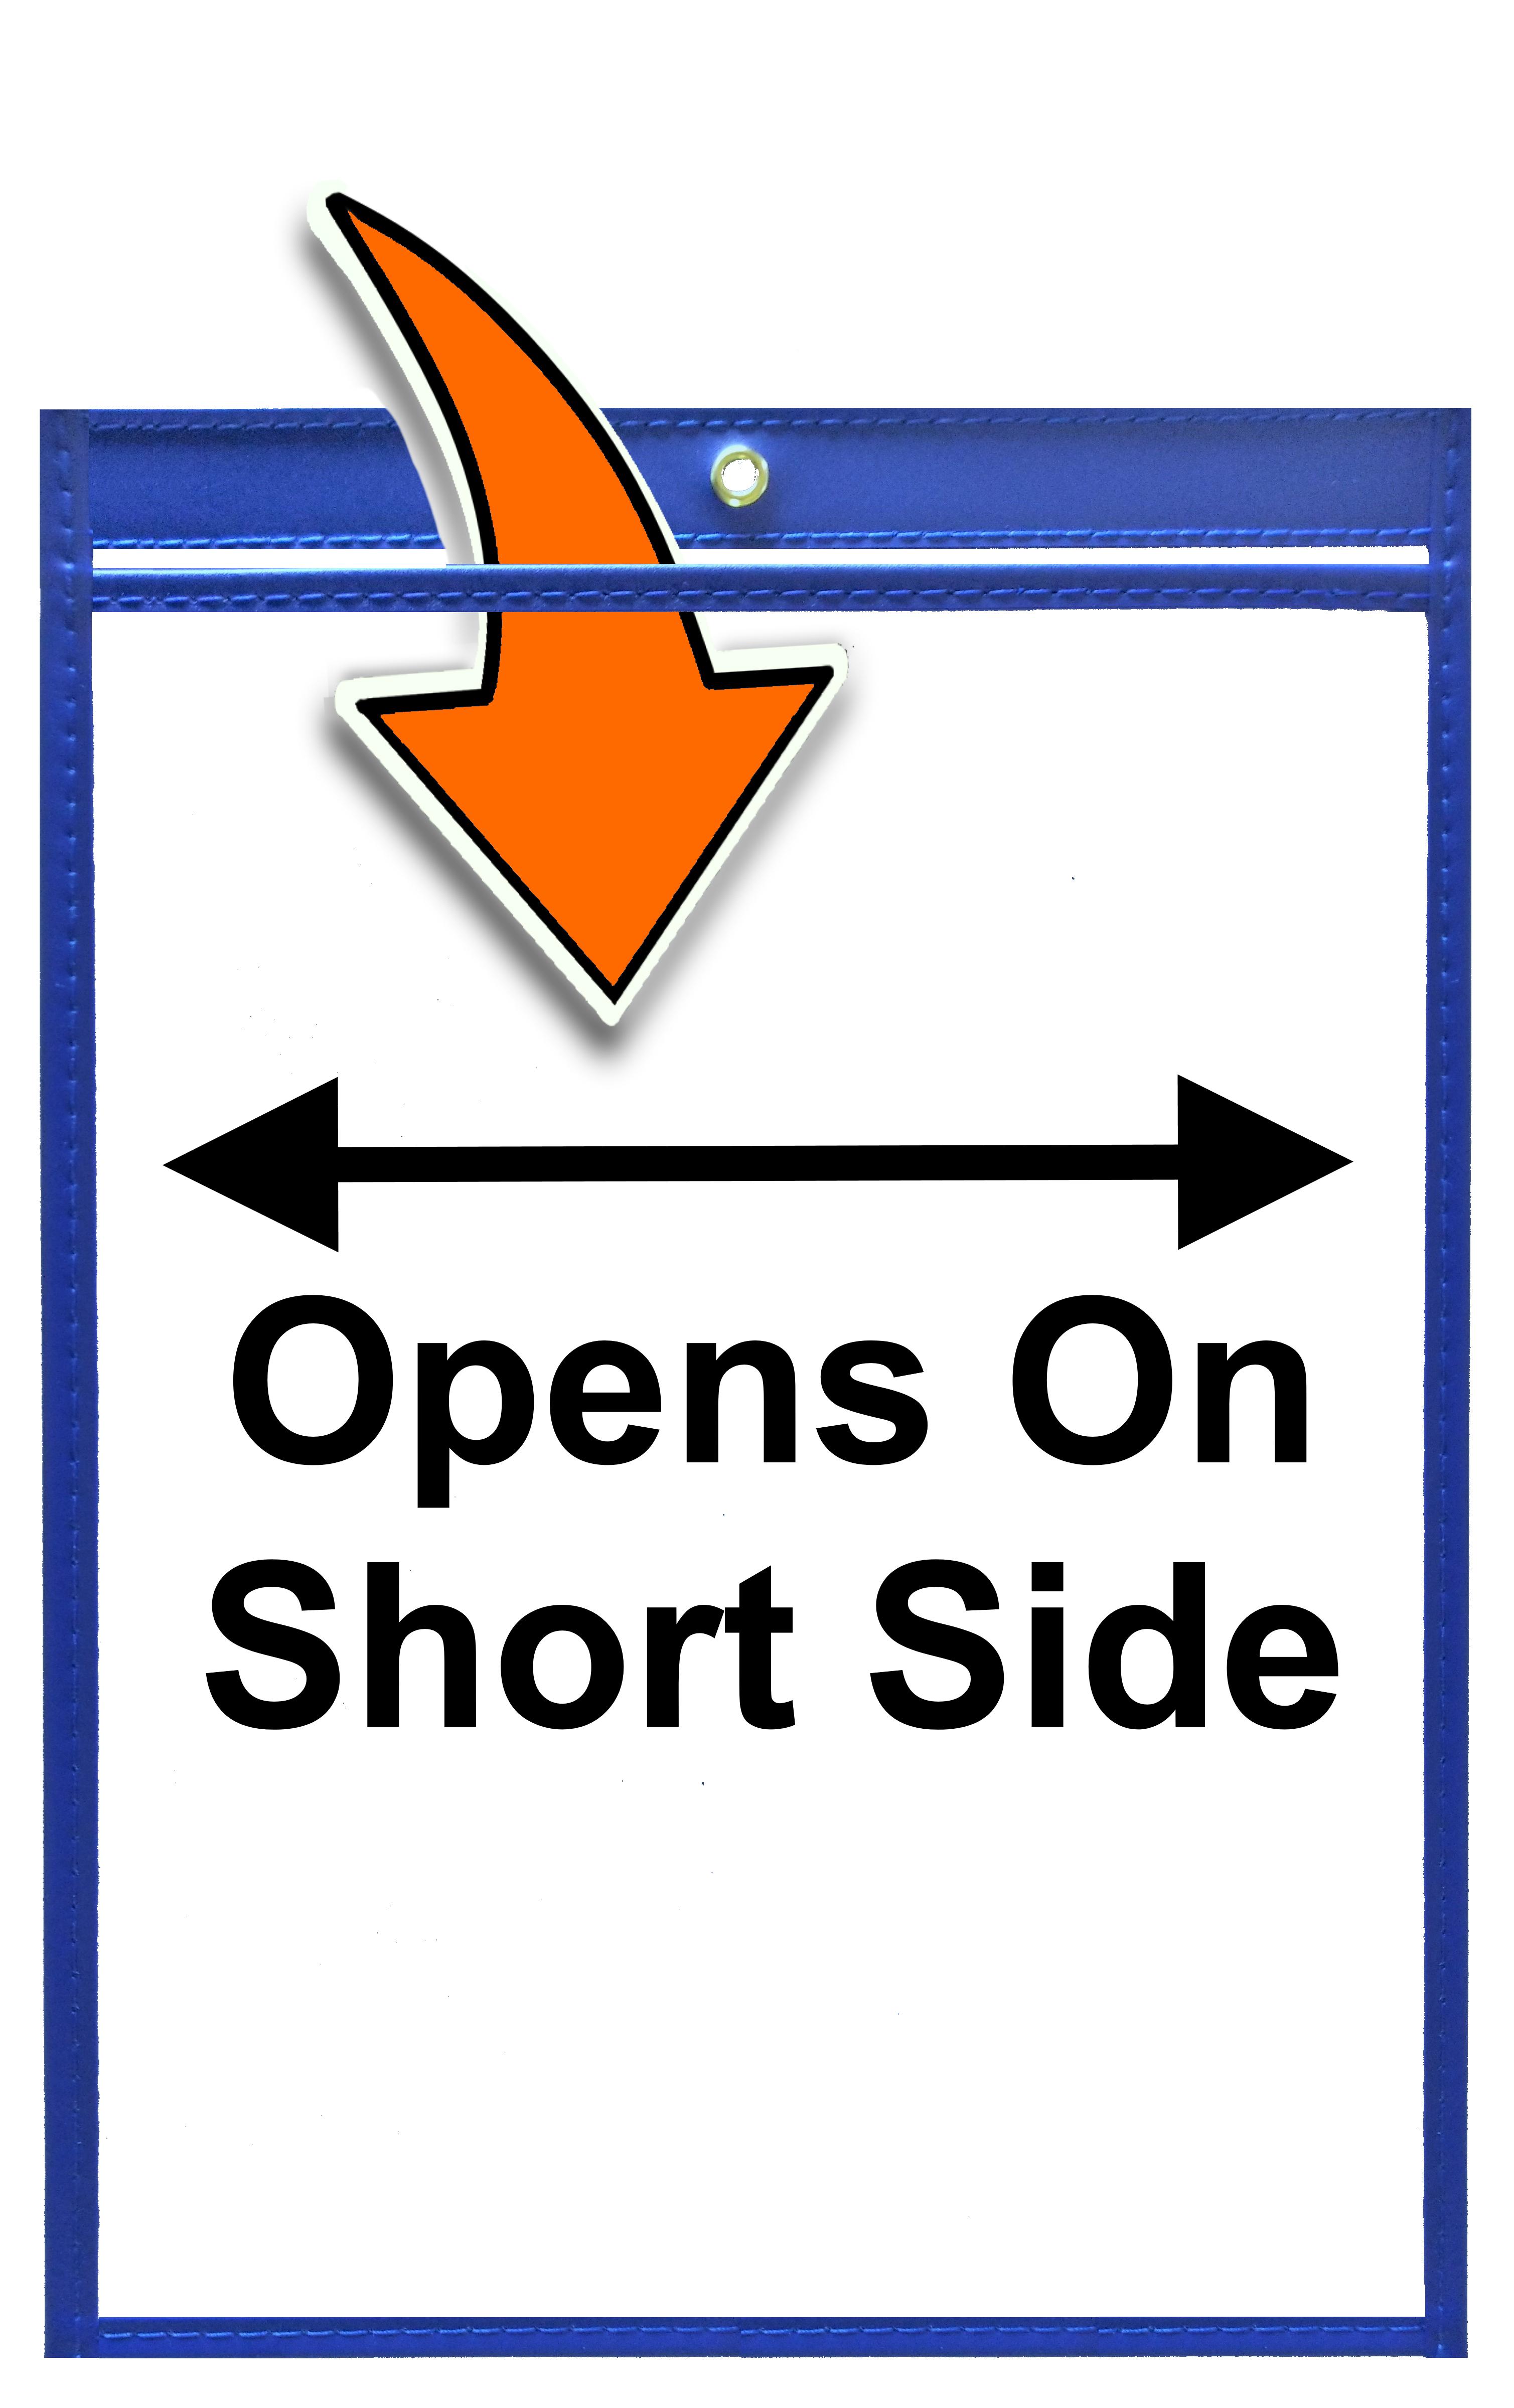 open-short-with-arrow.jpg